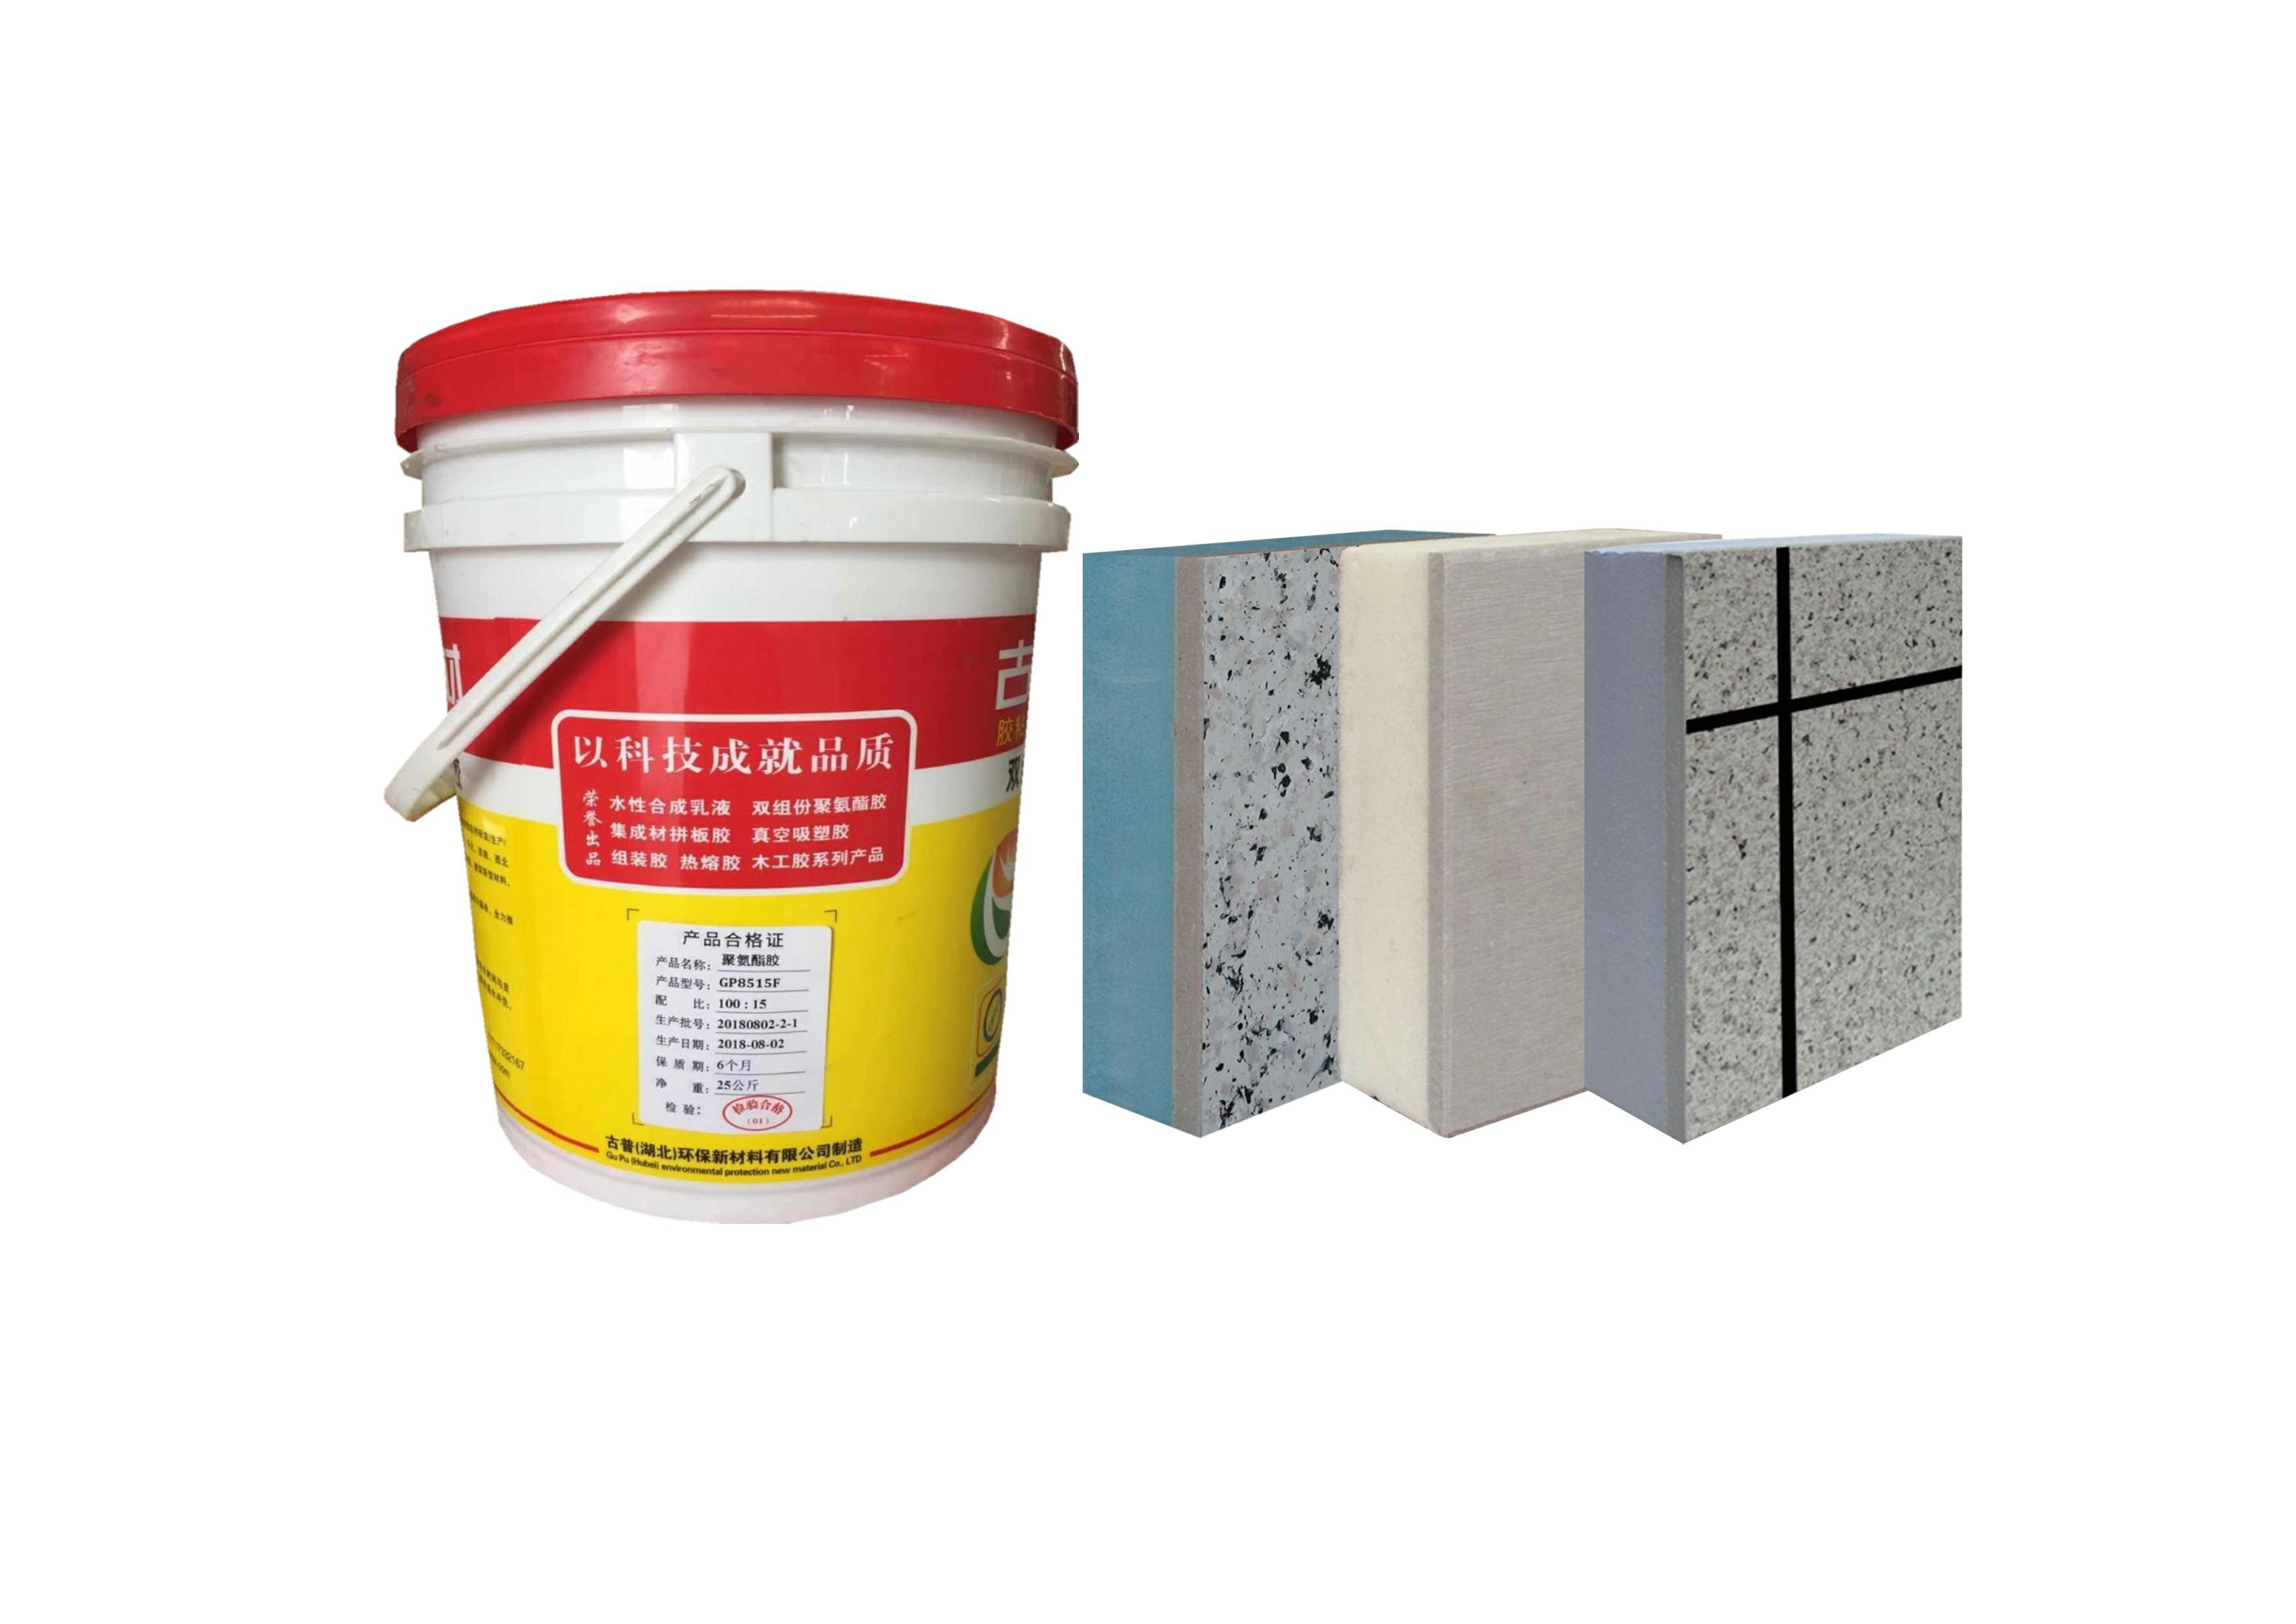 保温装饰一体板专用复合胶 (GP8515F)